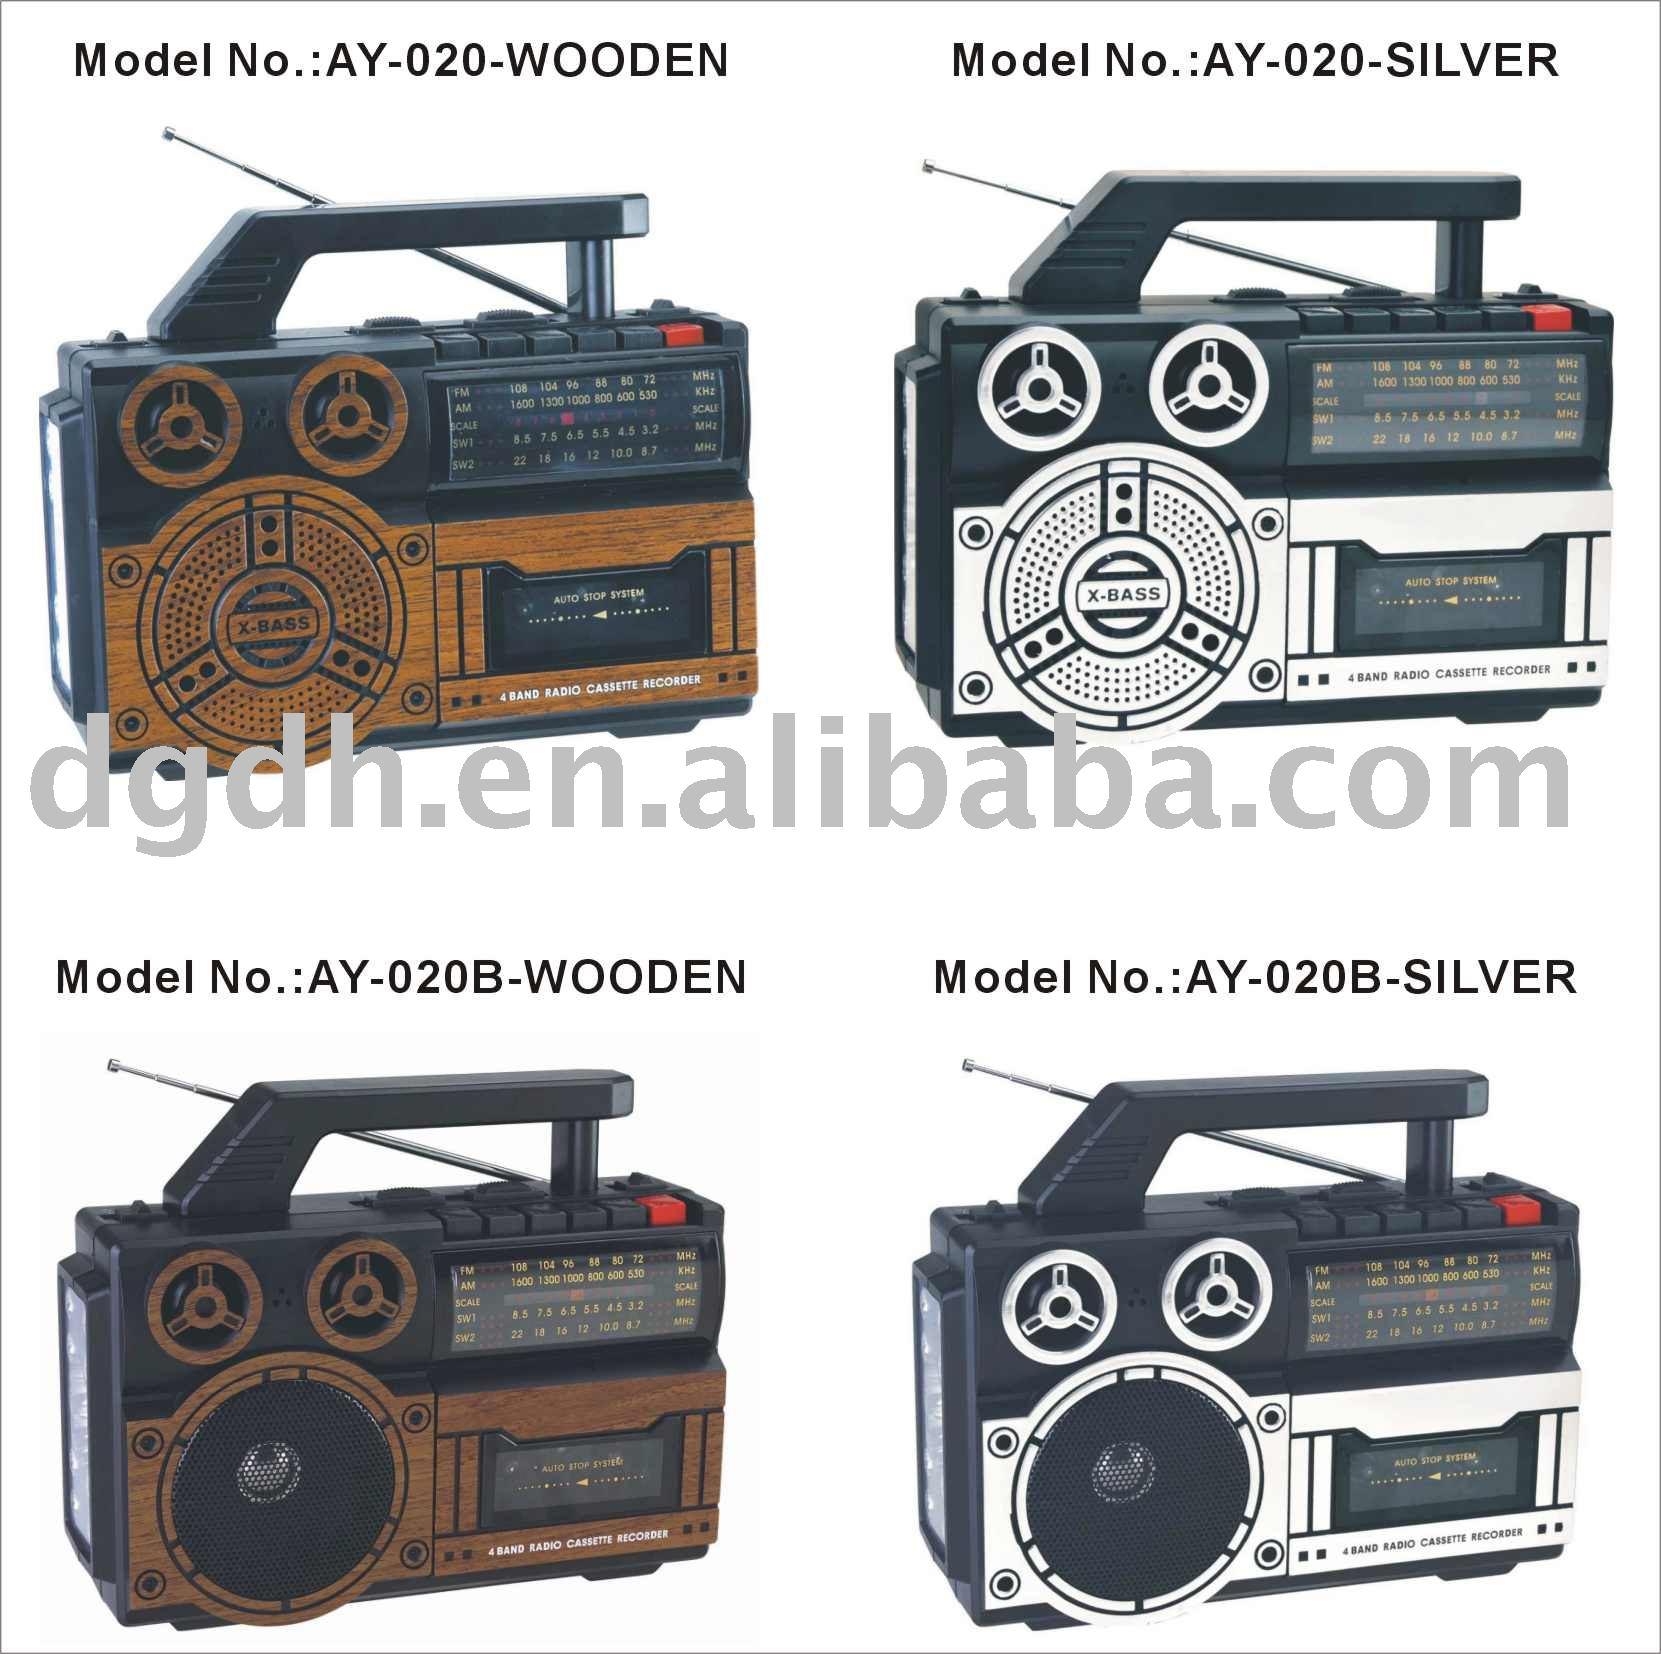 [Marantz Cp 430 Cassette Recorder Retail Price, M760